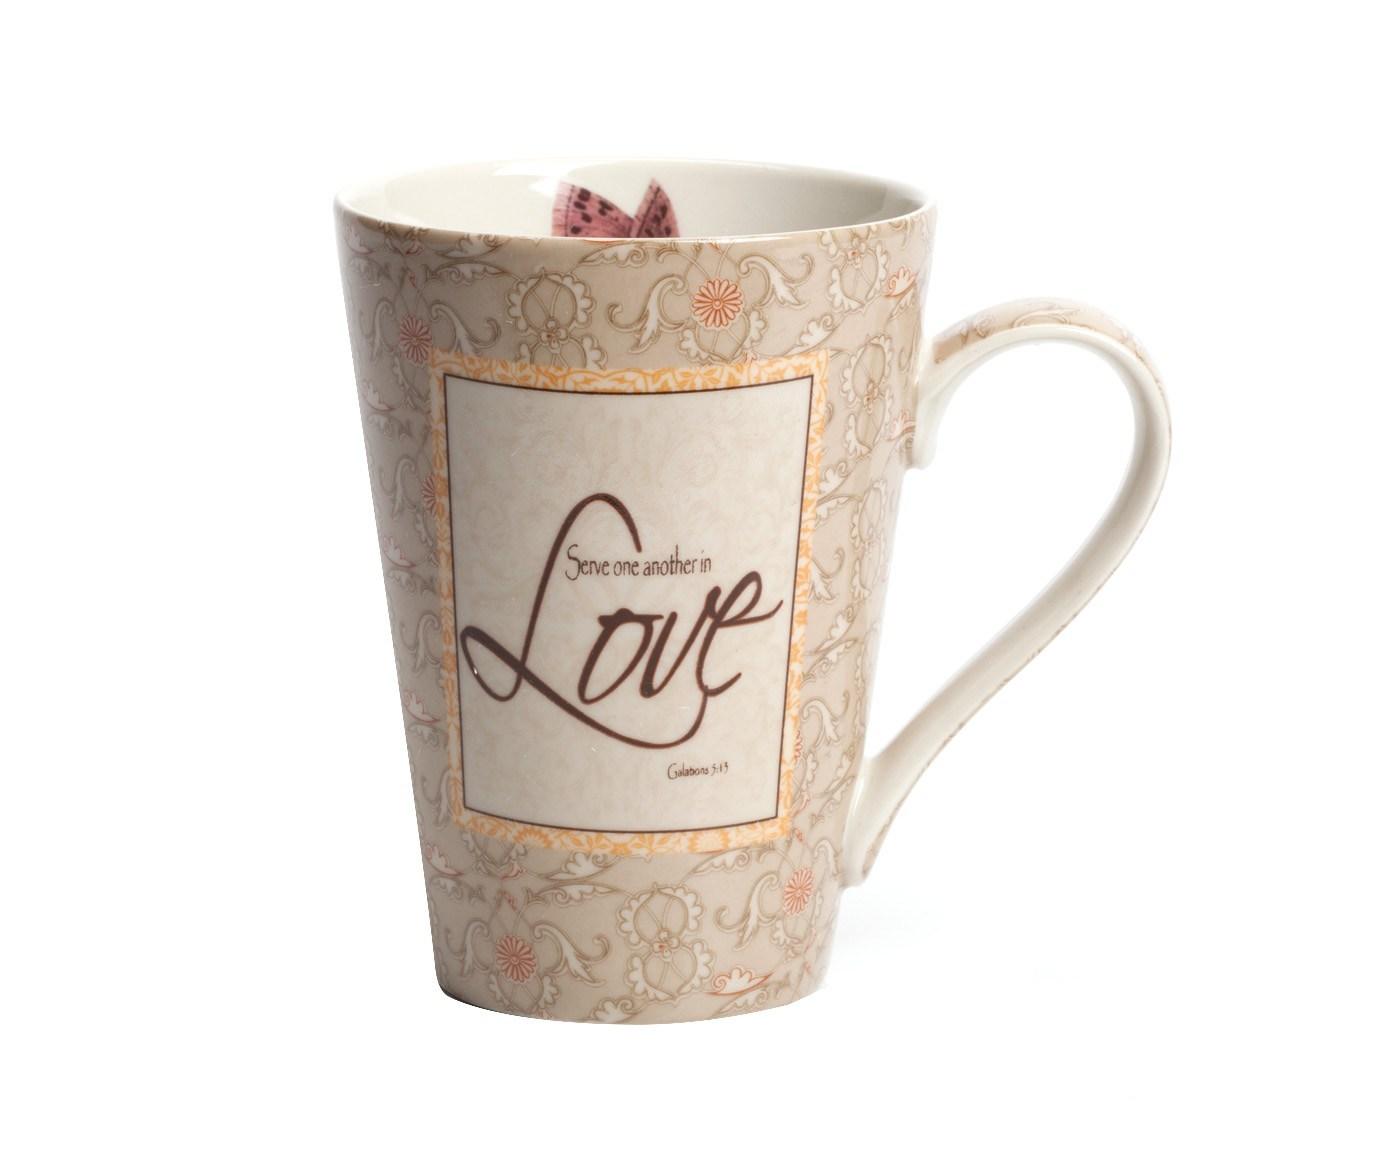 Кружка LoveЧайные пары, чашки и кружки<br>Кружка керамическая Love расписана элегантным цветочным рисунком с преобладанием бежевого цвета. Оригинальный и интересный подарок к любому празднику, в том числе на день св. Валентина (день влюбленных), 8 марта, день рождения, на свадьбу! Кружка как признание в любви другому человеку, себе, утреннему кофе или вечернему чаю. Любой напиток в ней становится любовным!<br><br>Material: Керамика<br>Width см: 13<br>Depth см: 9<br>Height см: 12,5